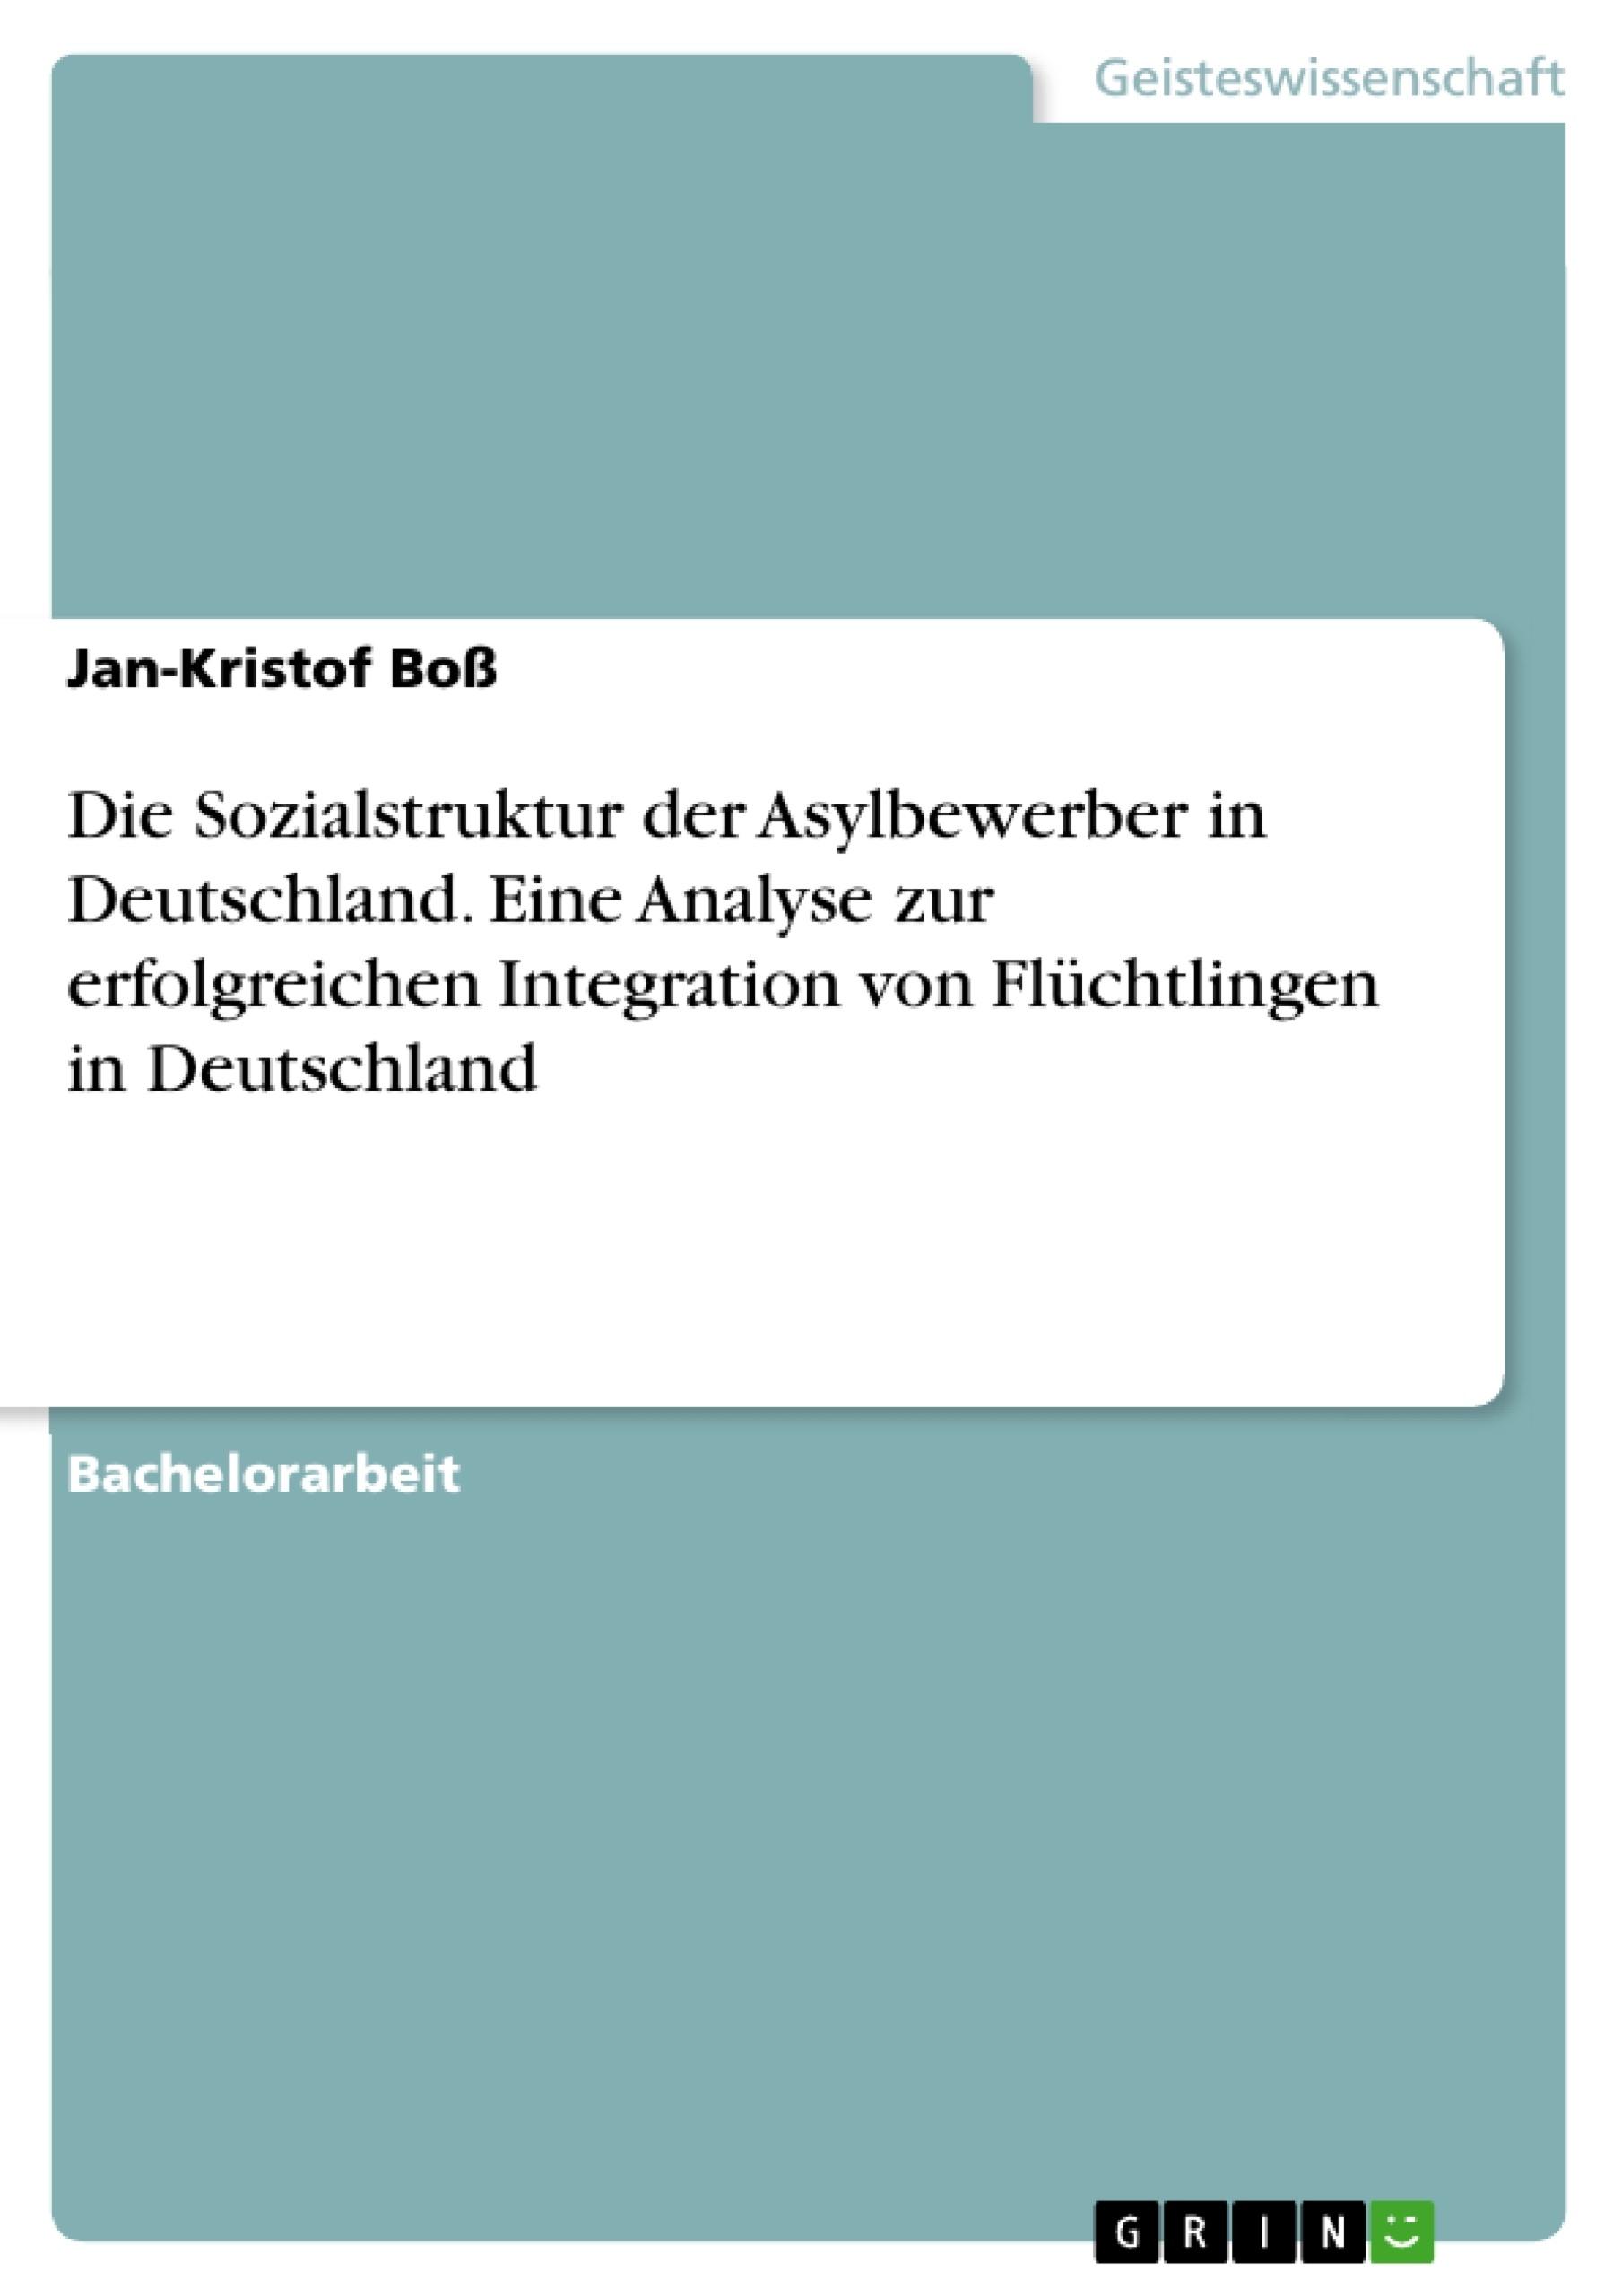 Titel: Die Sozialstruktur der Asylbewerber in Deutschland. Eine Analyse zur erfolgreichen Integration von Flüchtlingen in Deutschland